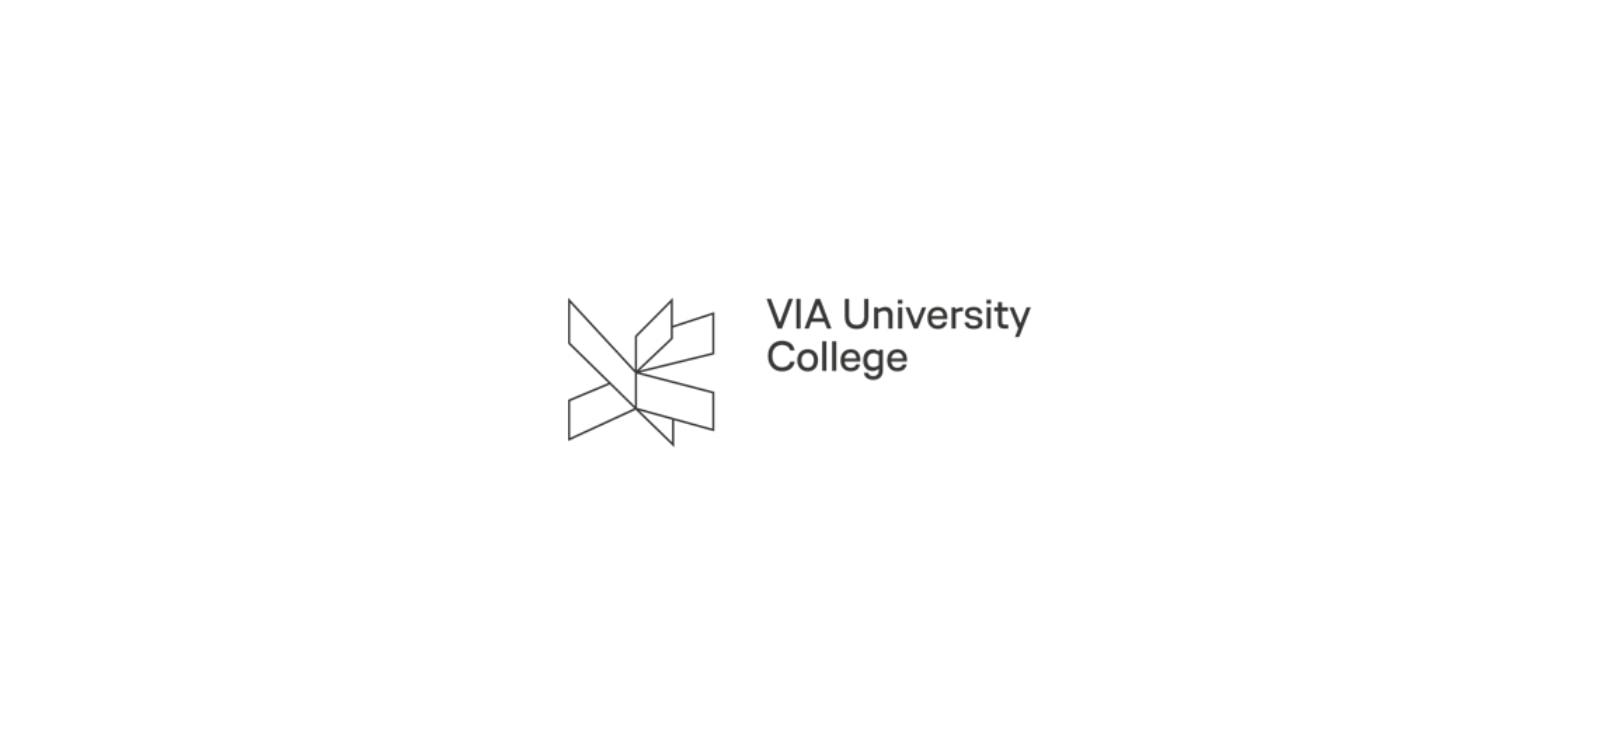 Adjunkter/lektorer til undervisning ved VIA University College, Pædagoguddannelsen Aarhus